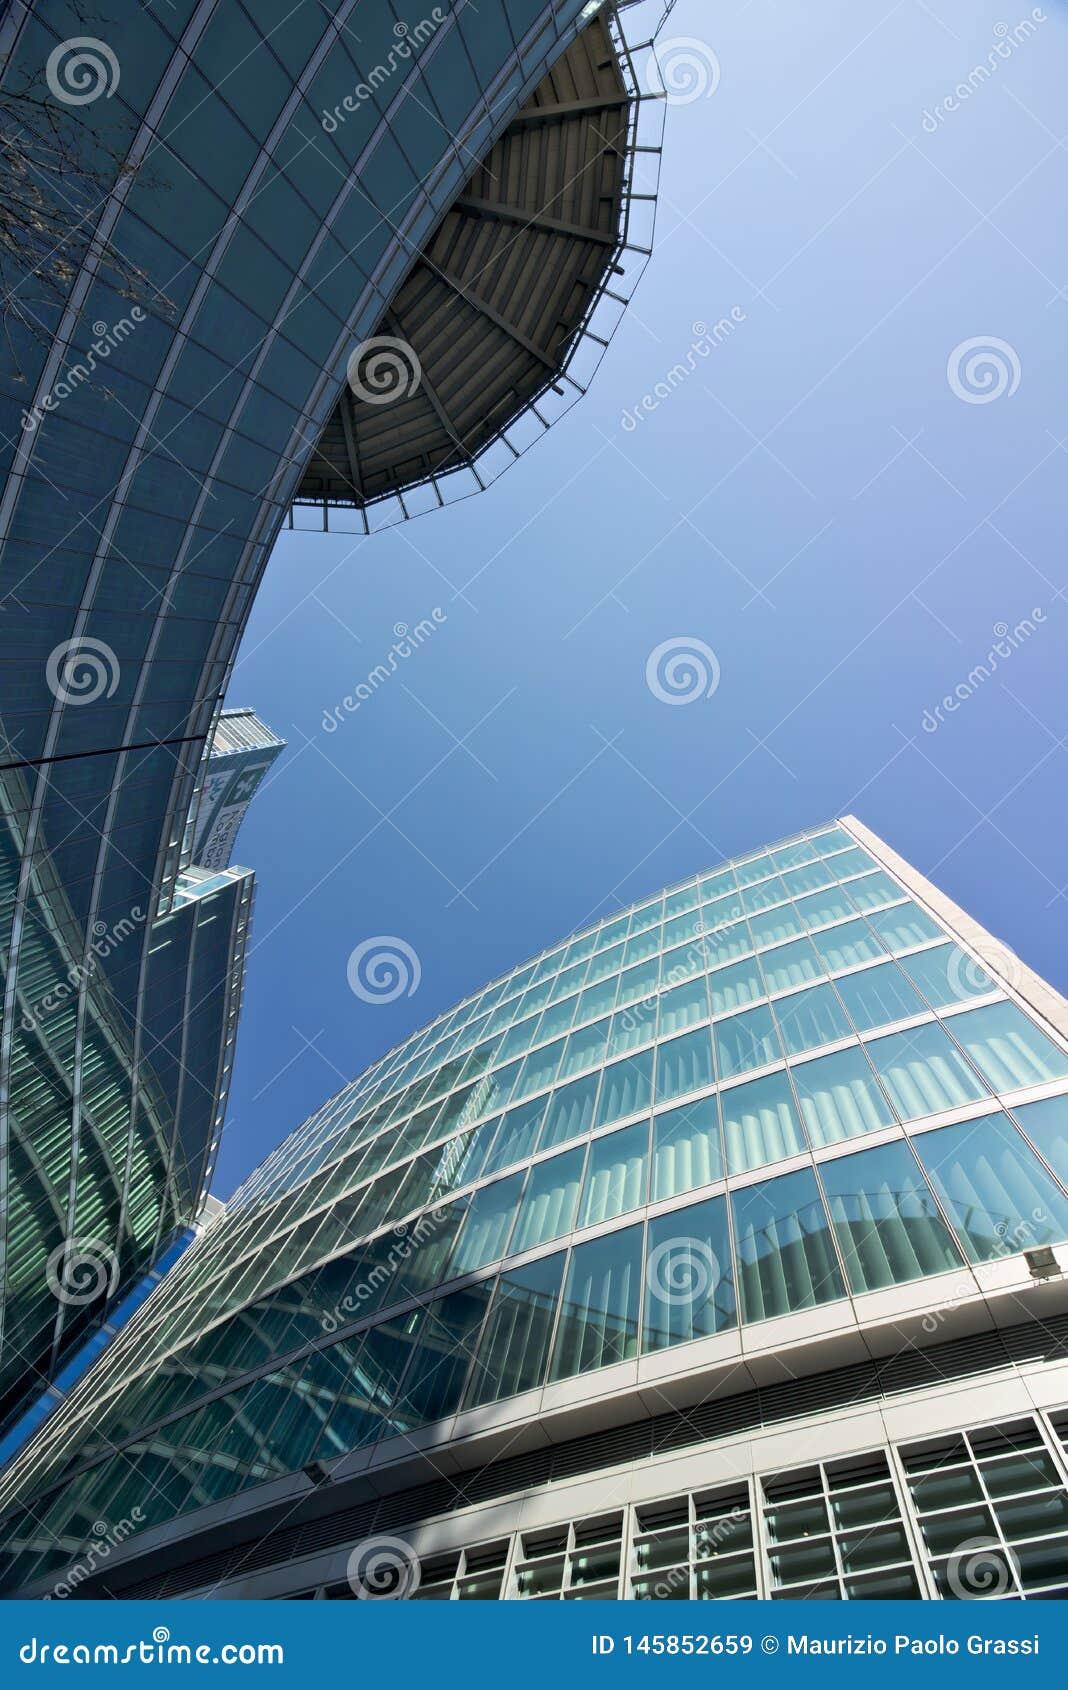 Milan W?ochy r Budujący kwatery główne Lombardy region budował z szklaną fasadą